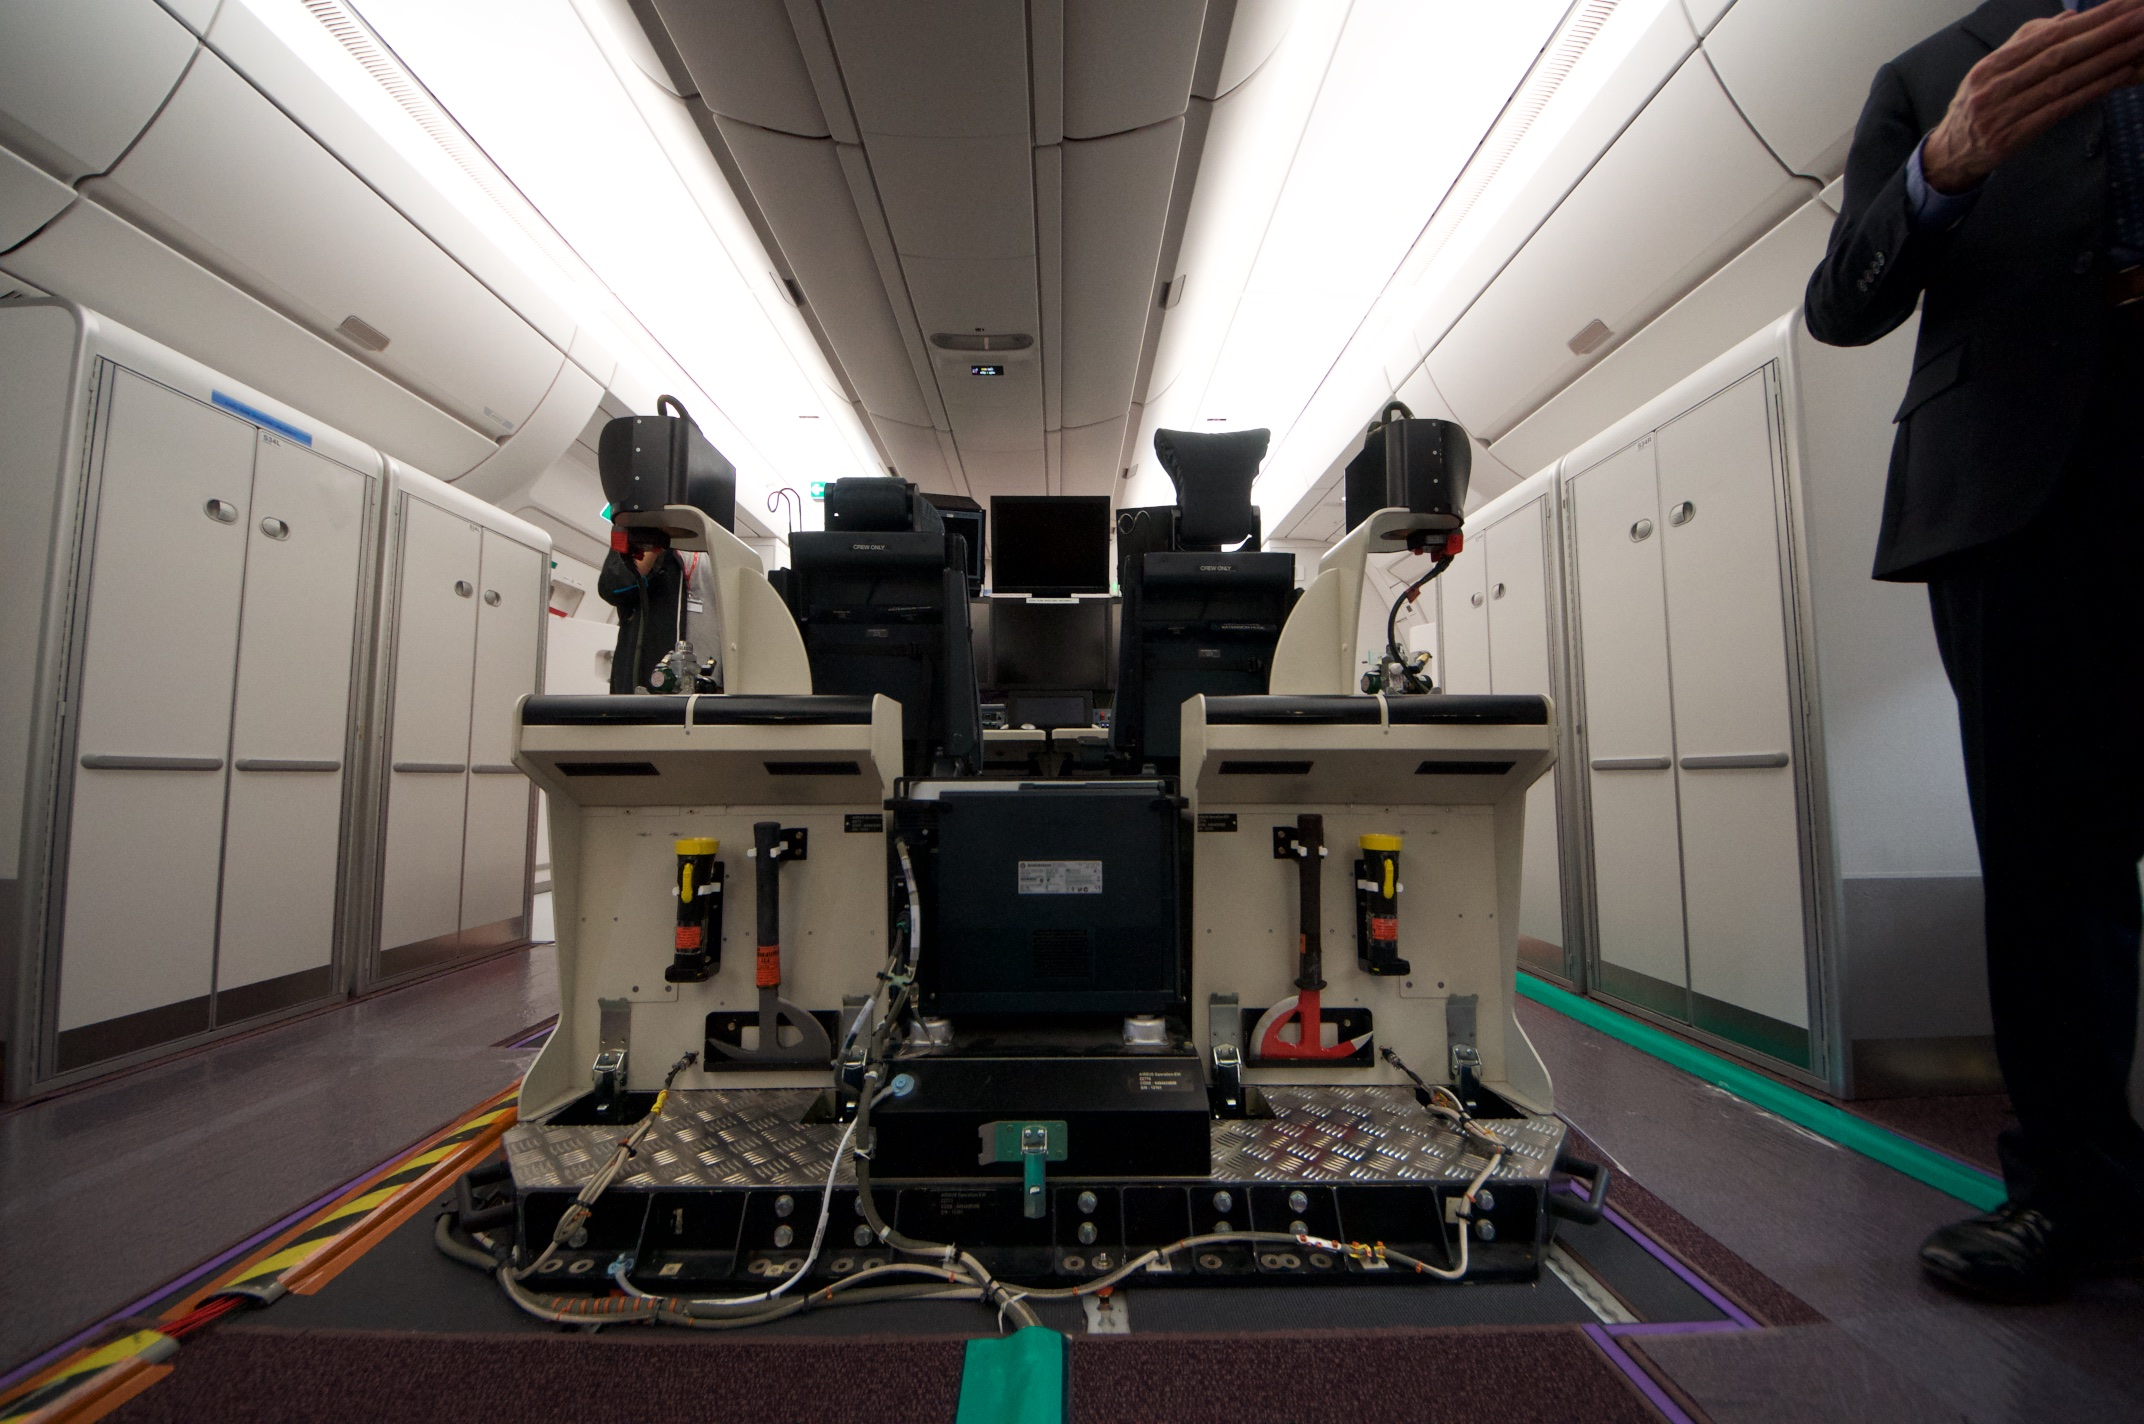 Airbus A350-1000XWB: Ein Blick ins Innere eines Testflugzeugs - Gut zu sehen ist das Notfall-Equipment ... (Foto: Andreas Sebayang)